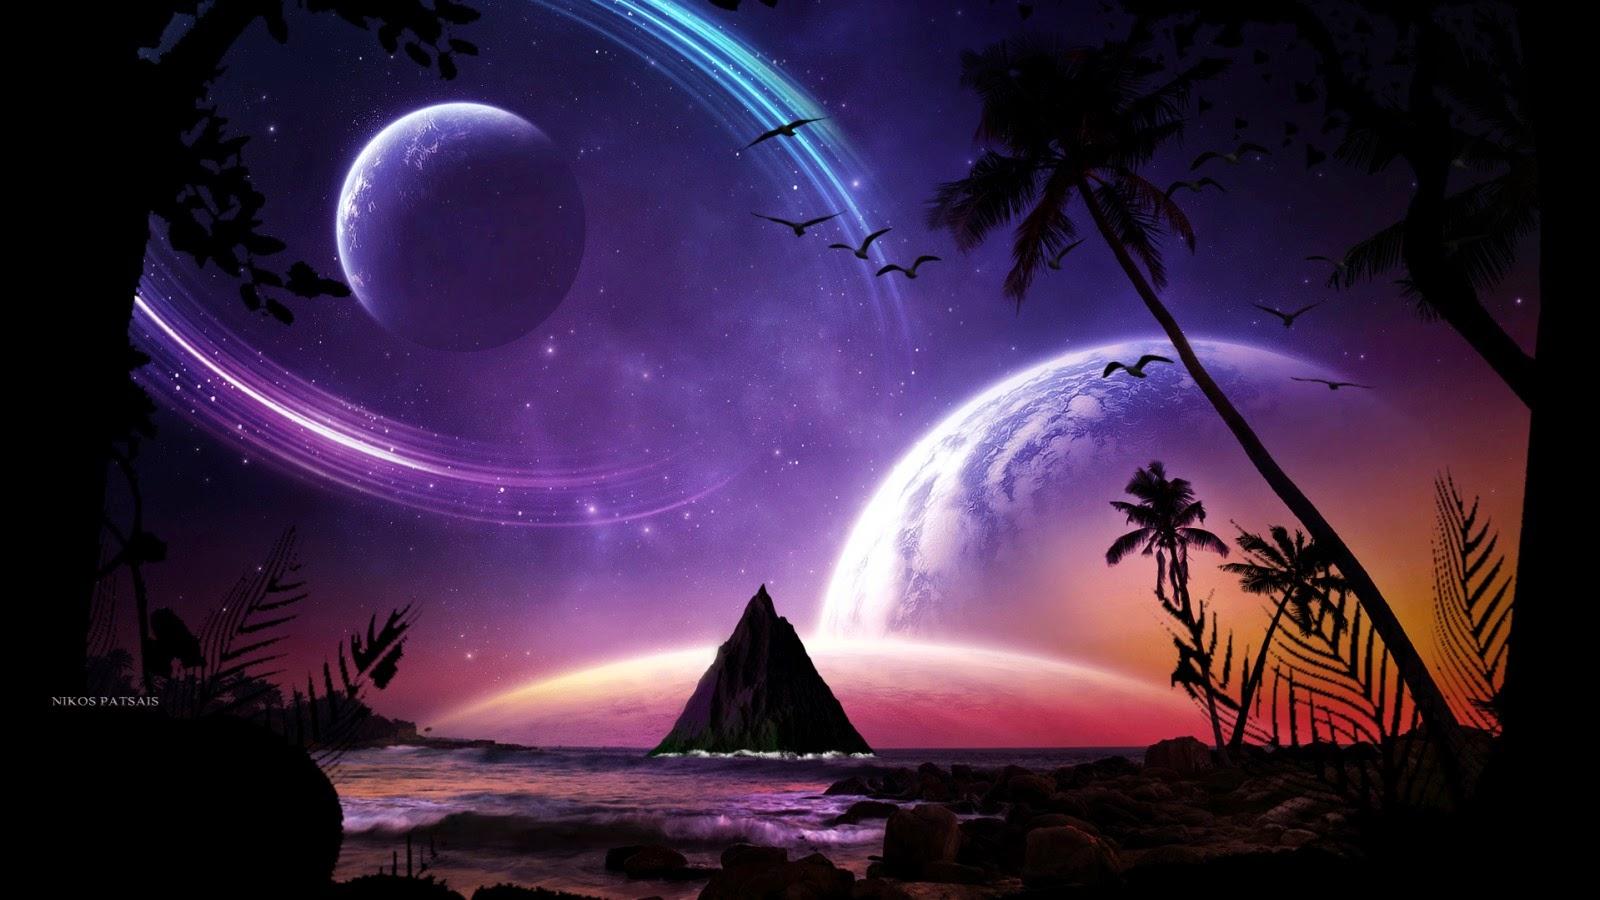 hình nền vũ trụ cực đẹp